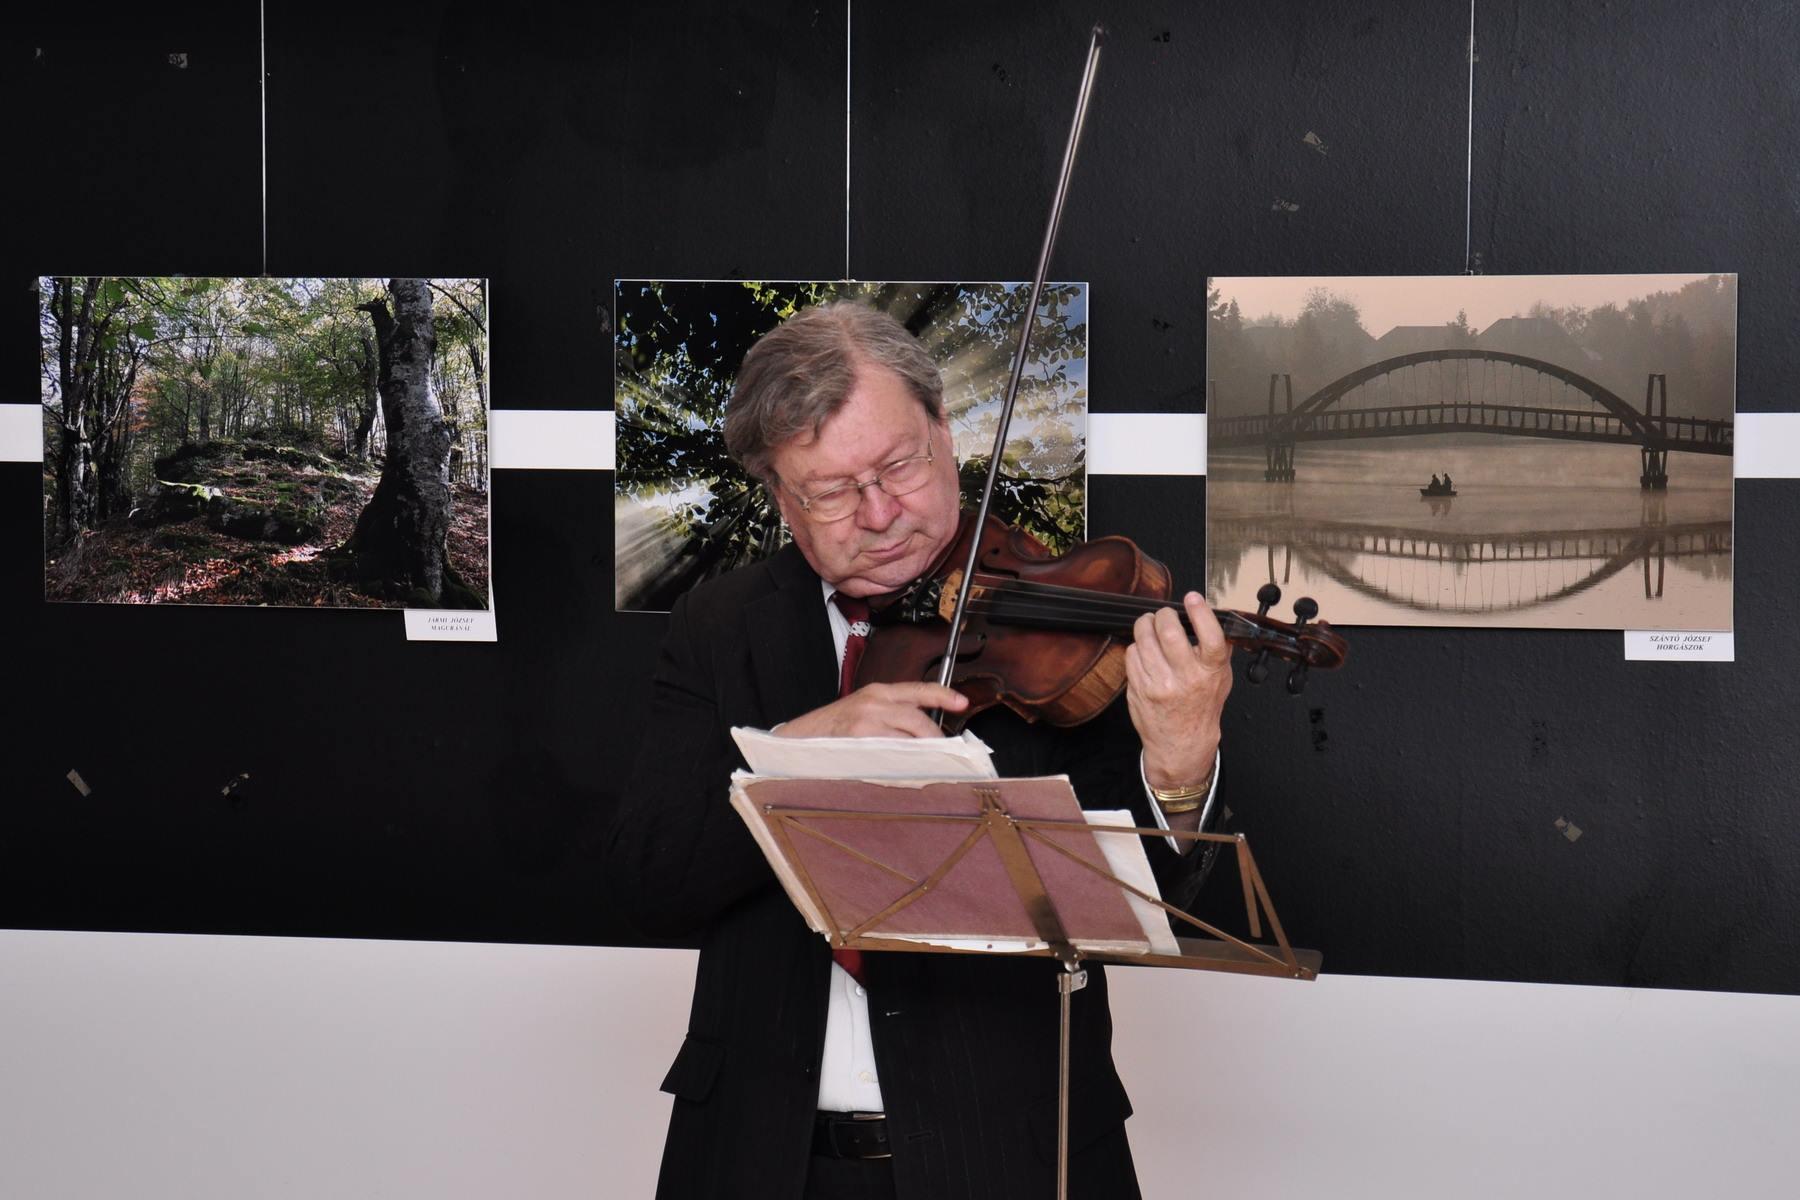 Foto: Békéscsaba-i Márvány Fotómühely